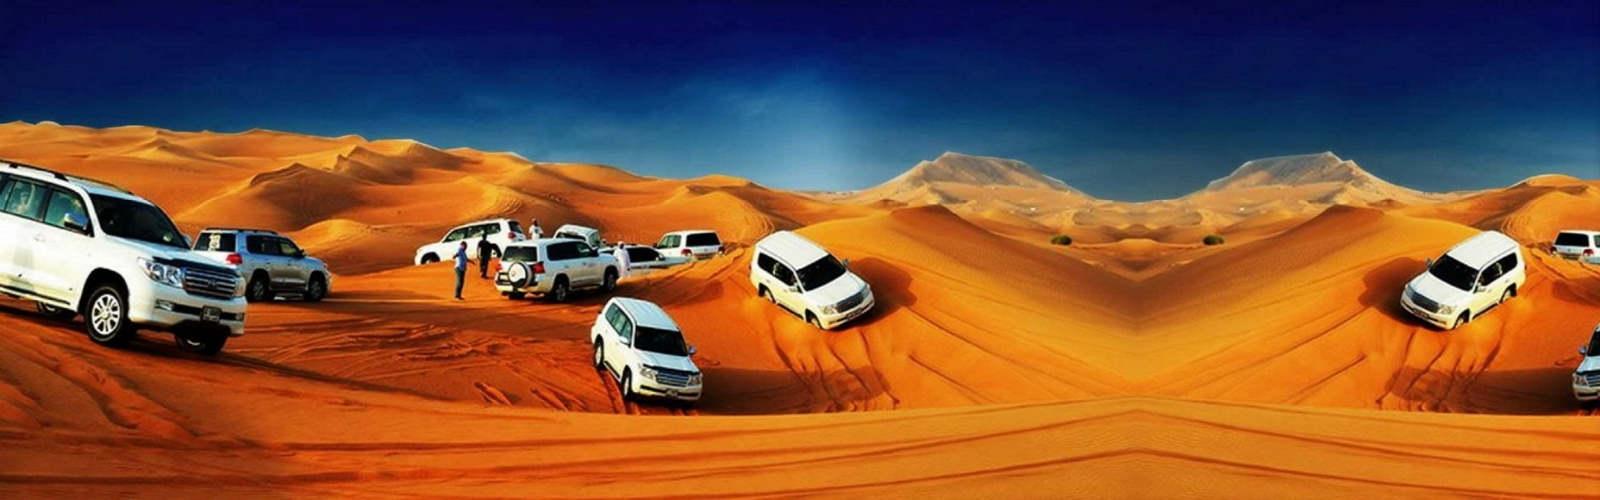 morning desert safaritour